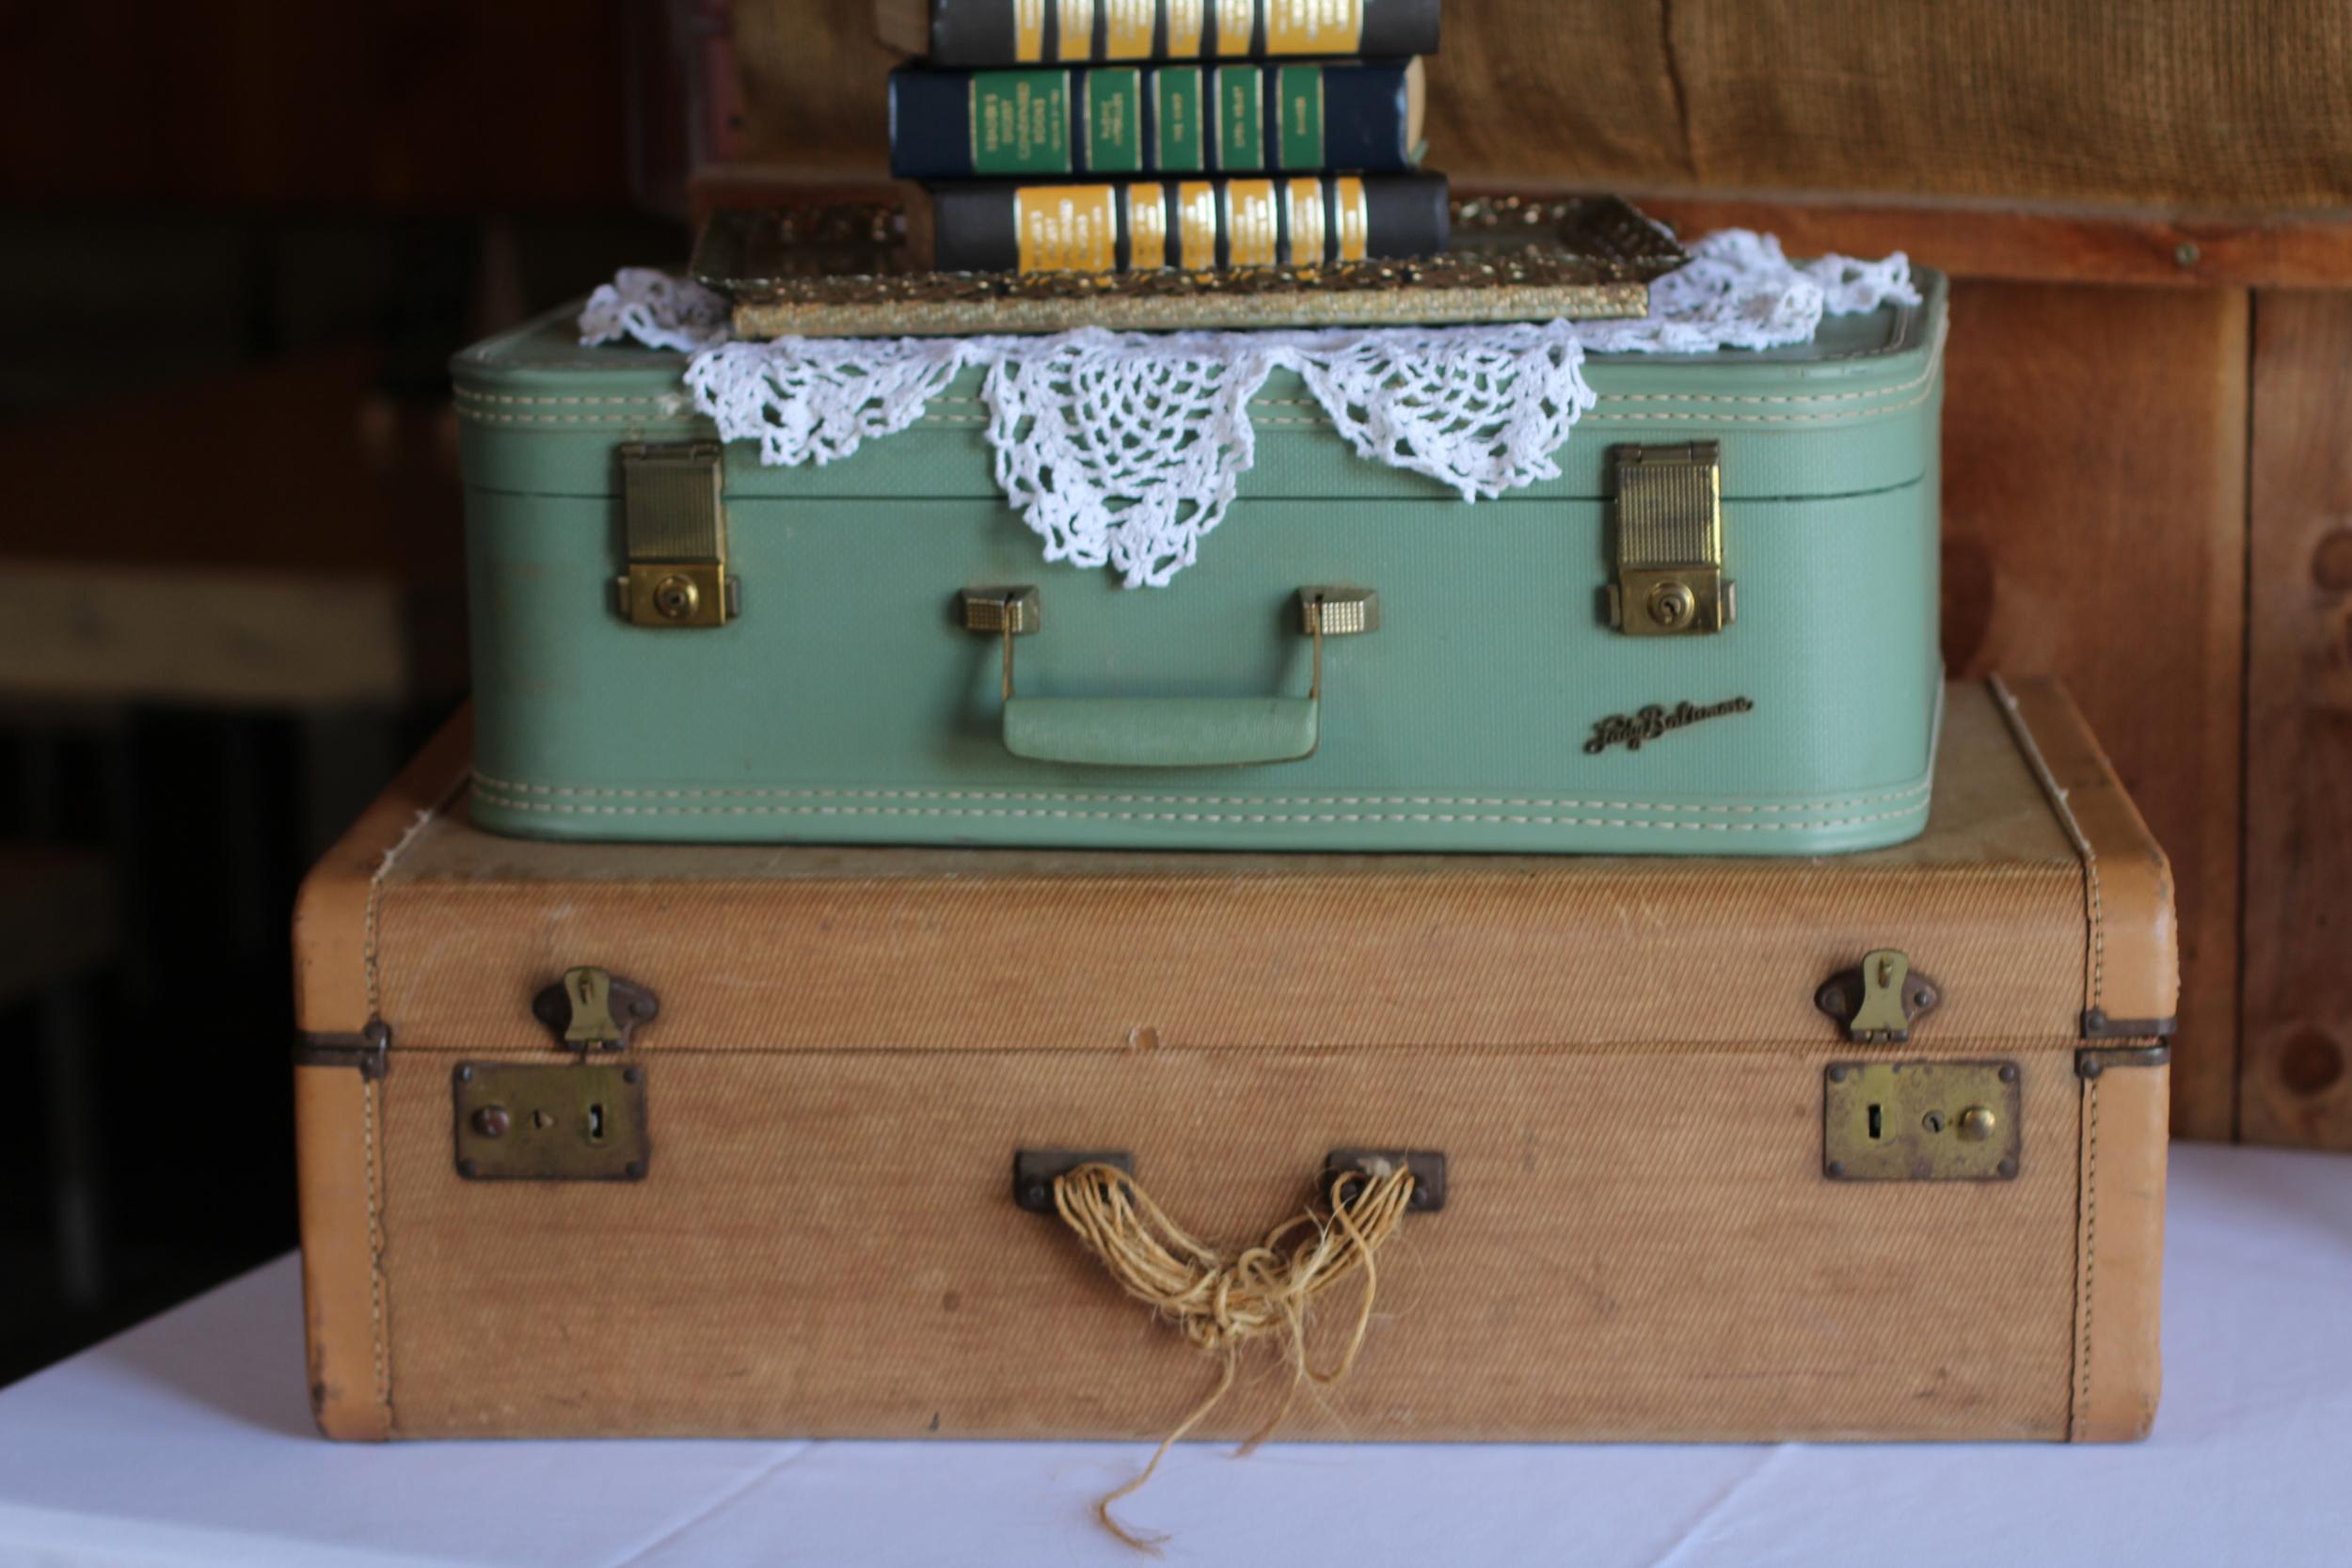 #109 - Medium Green Suitcase